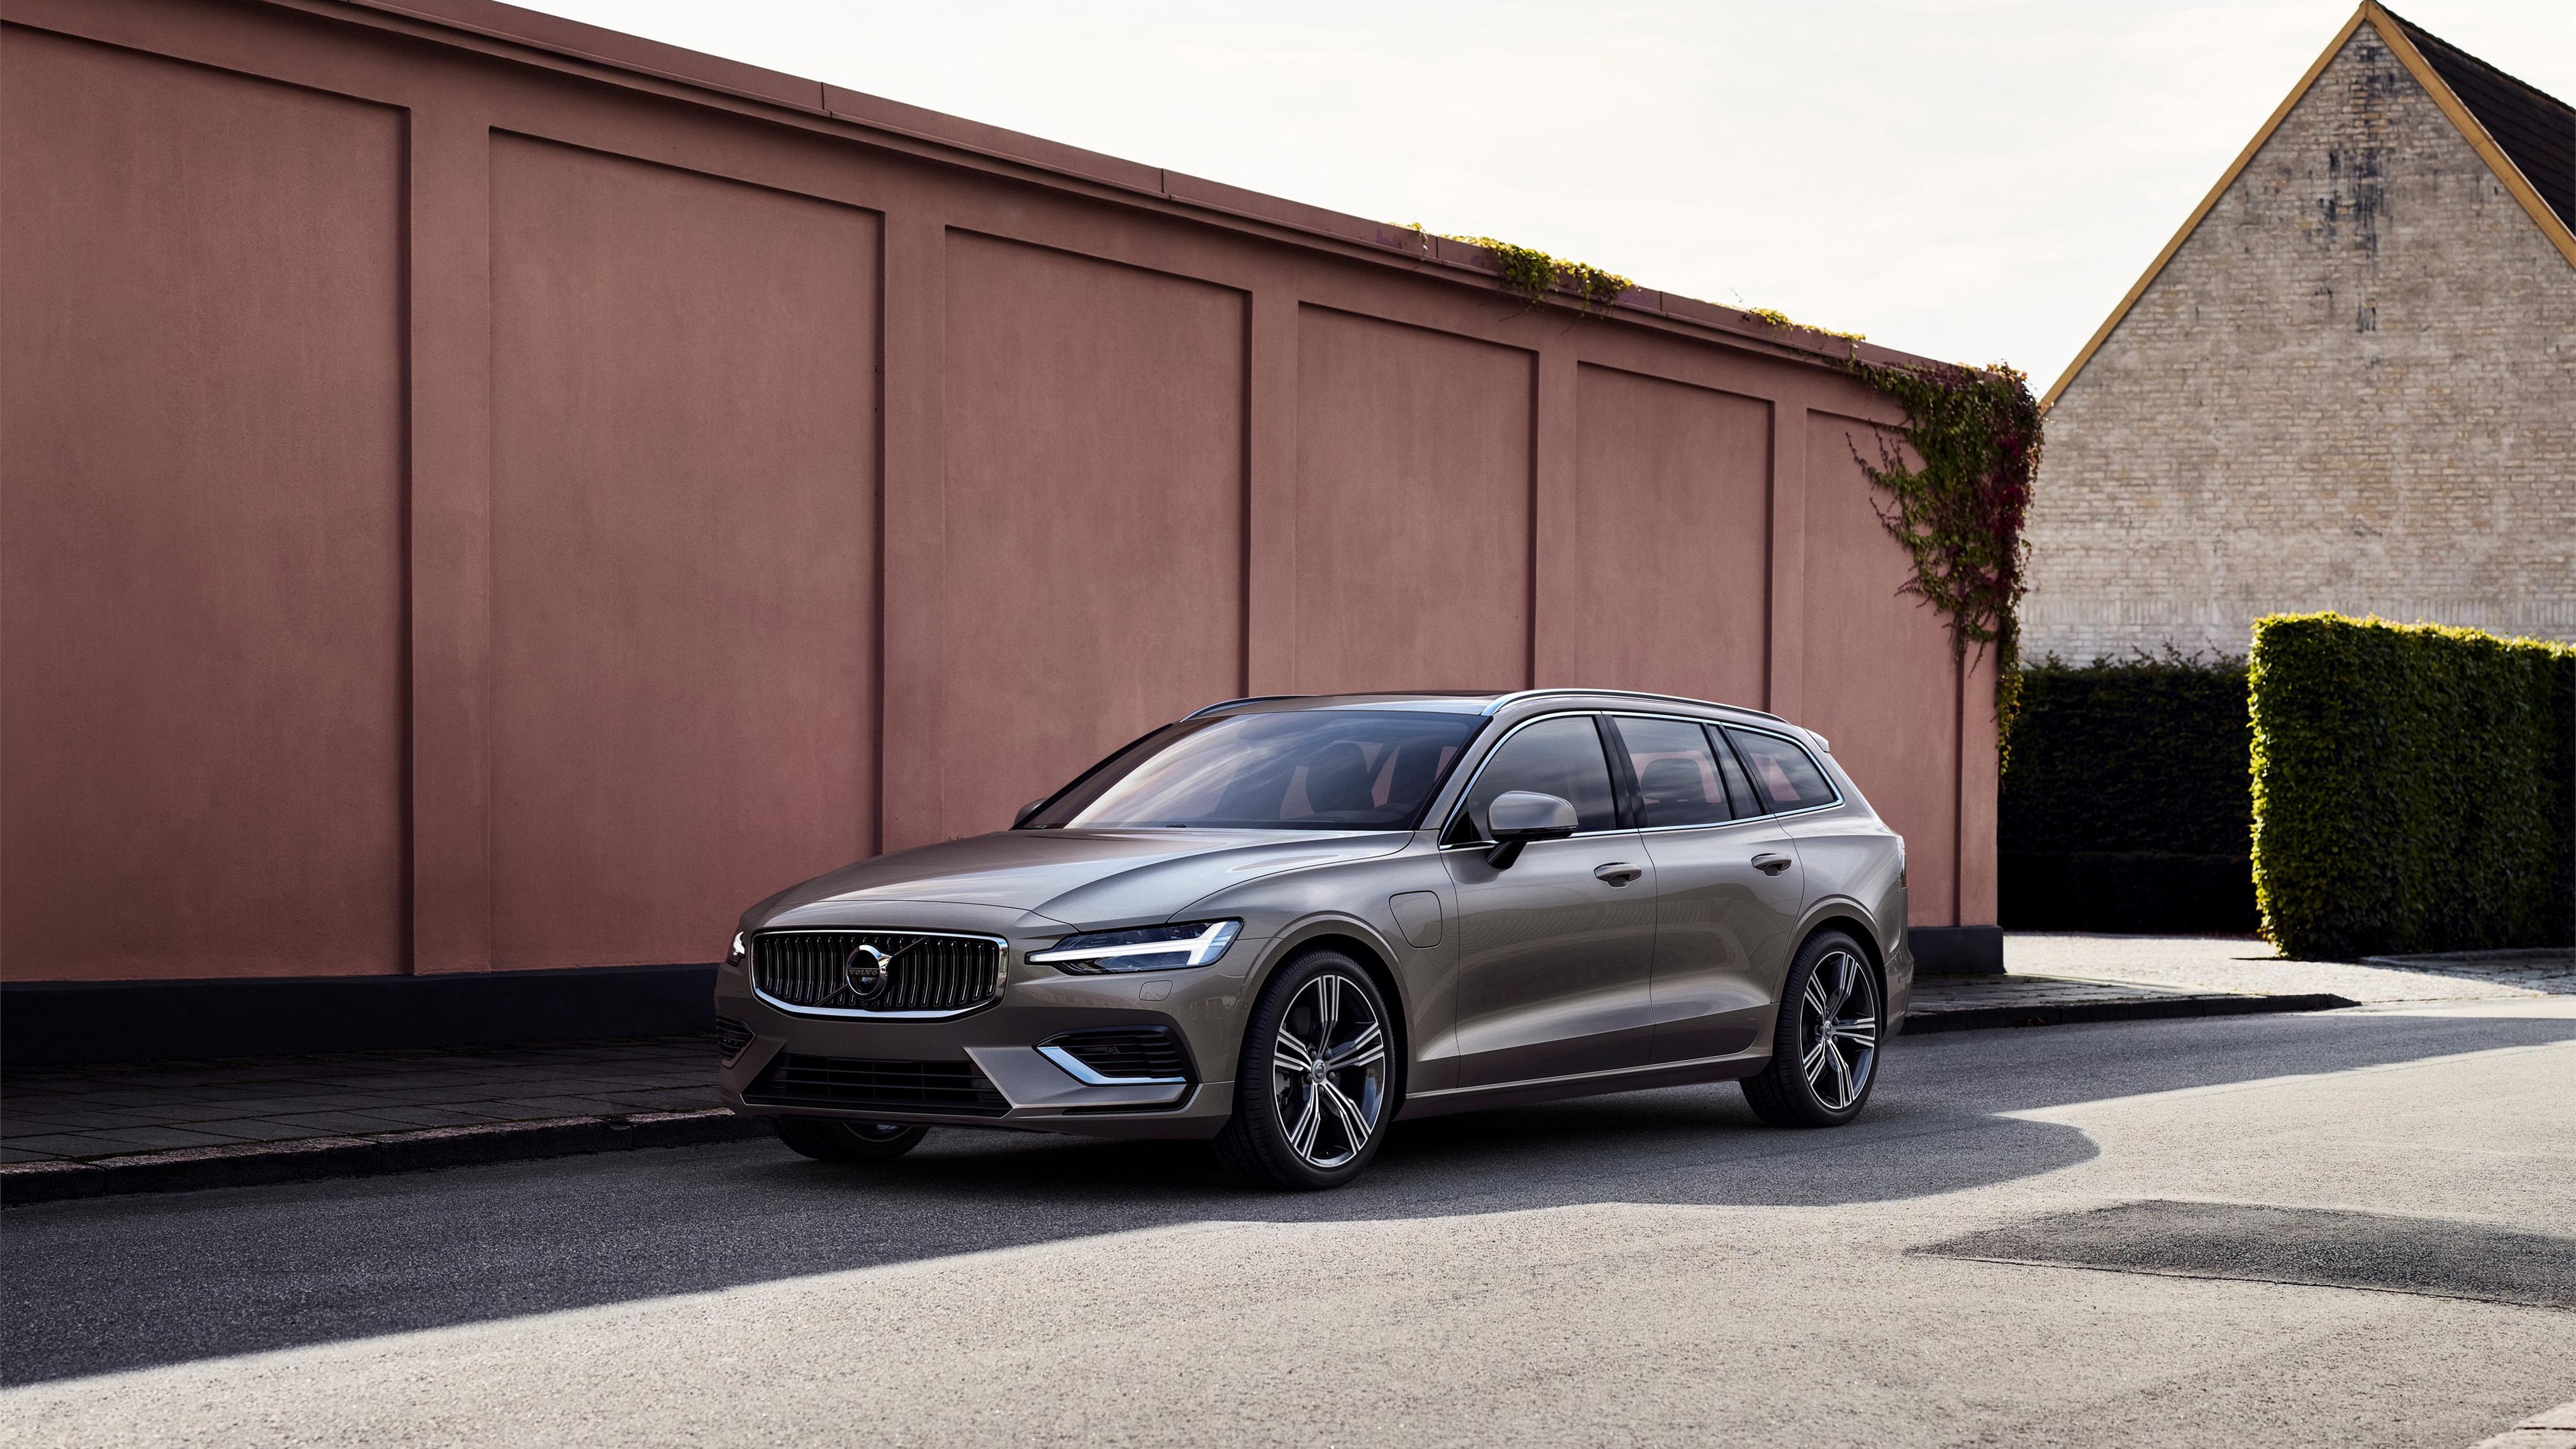 2018 Volvo V60 T8 Inscription 4K Wallpaper | HD Car Wallpapers | ID #9622